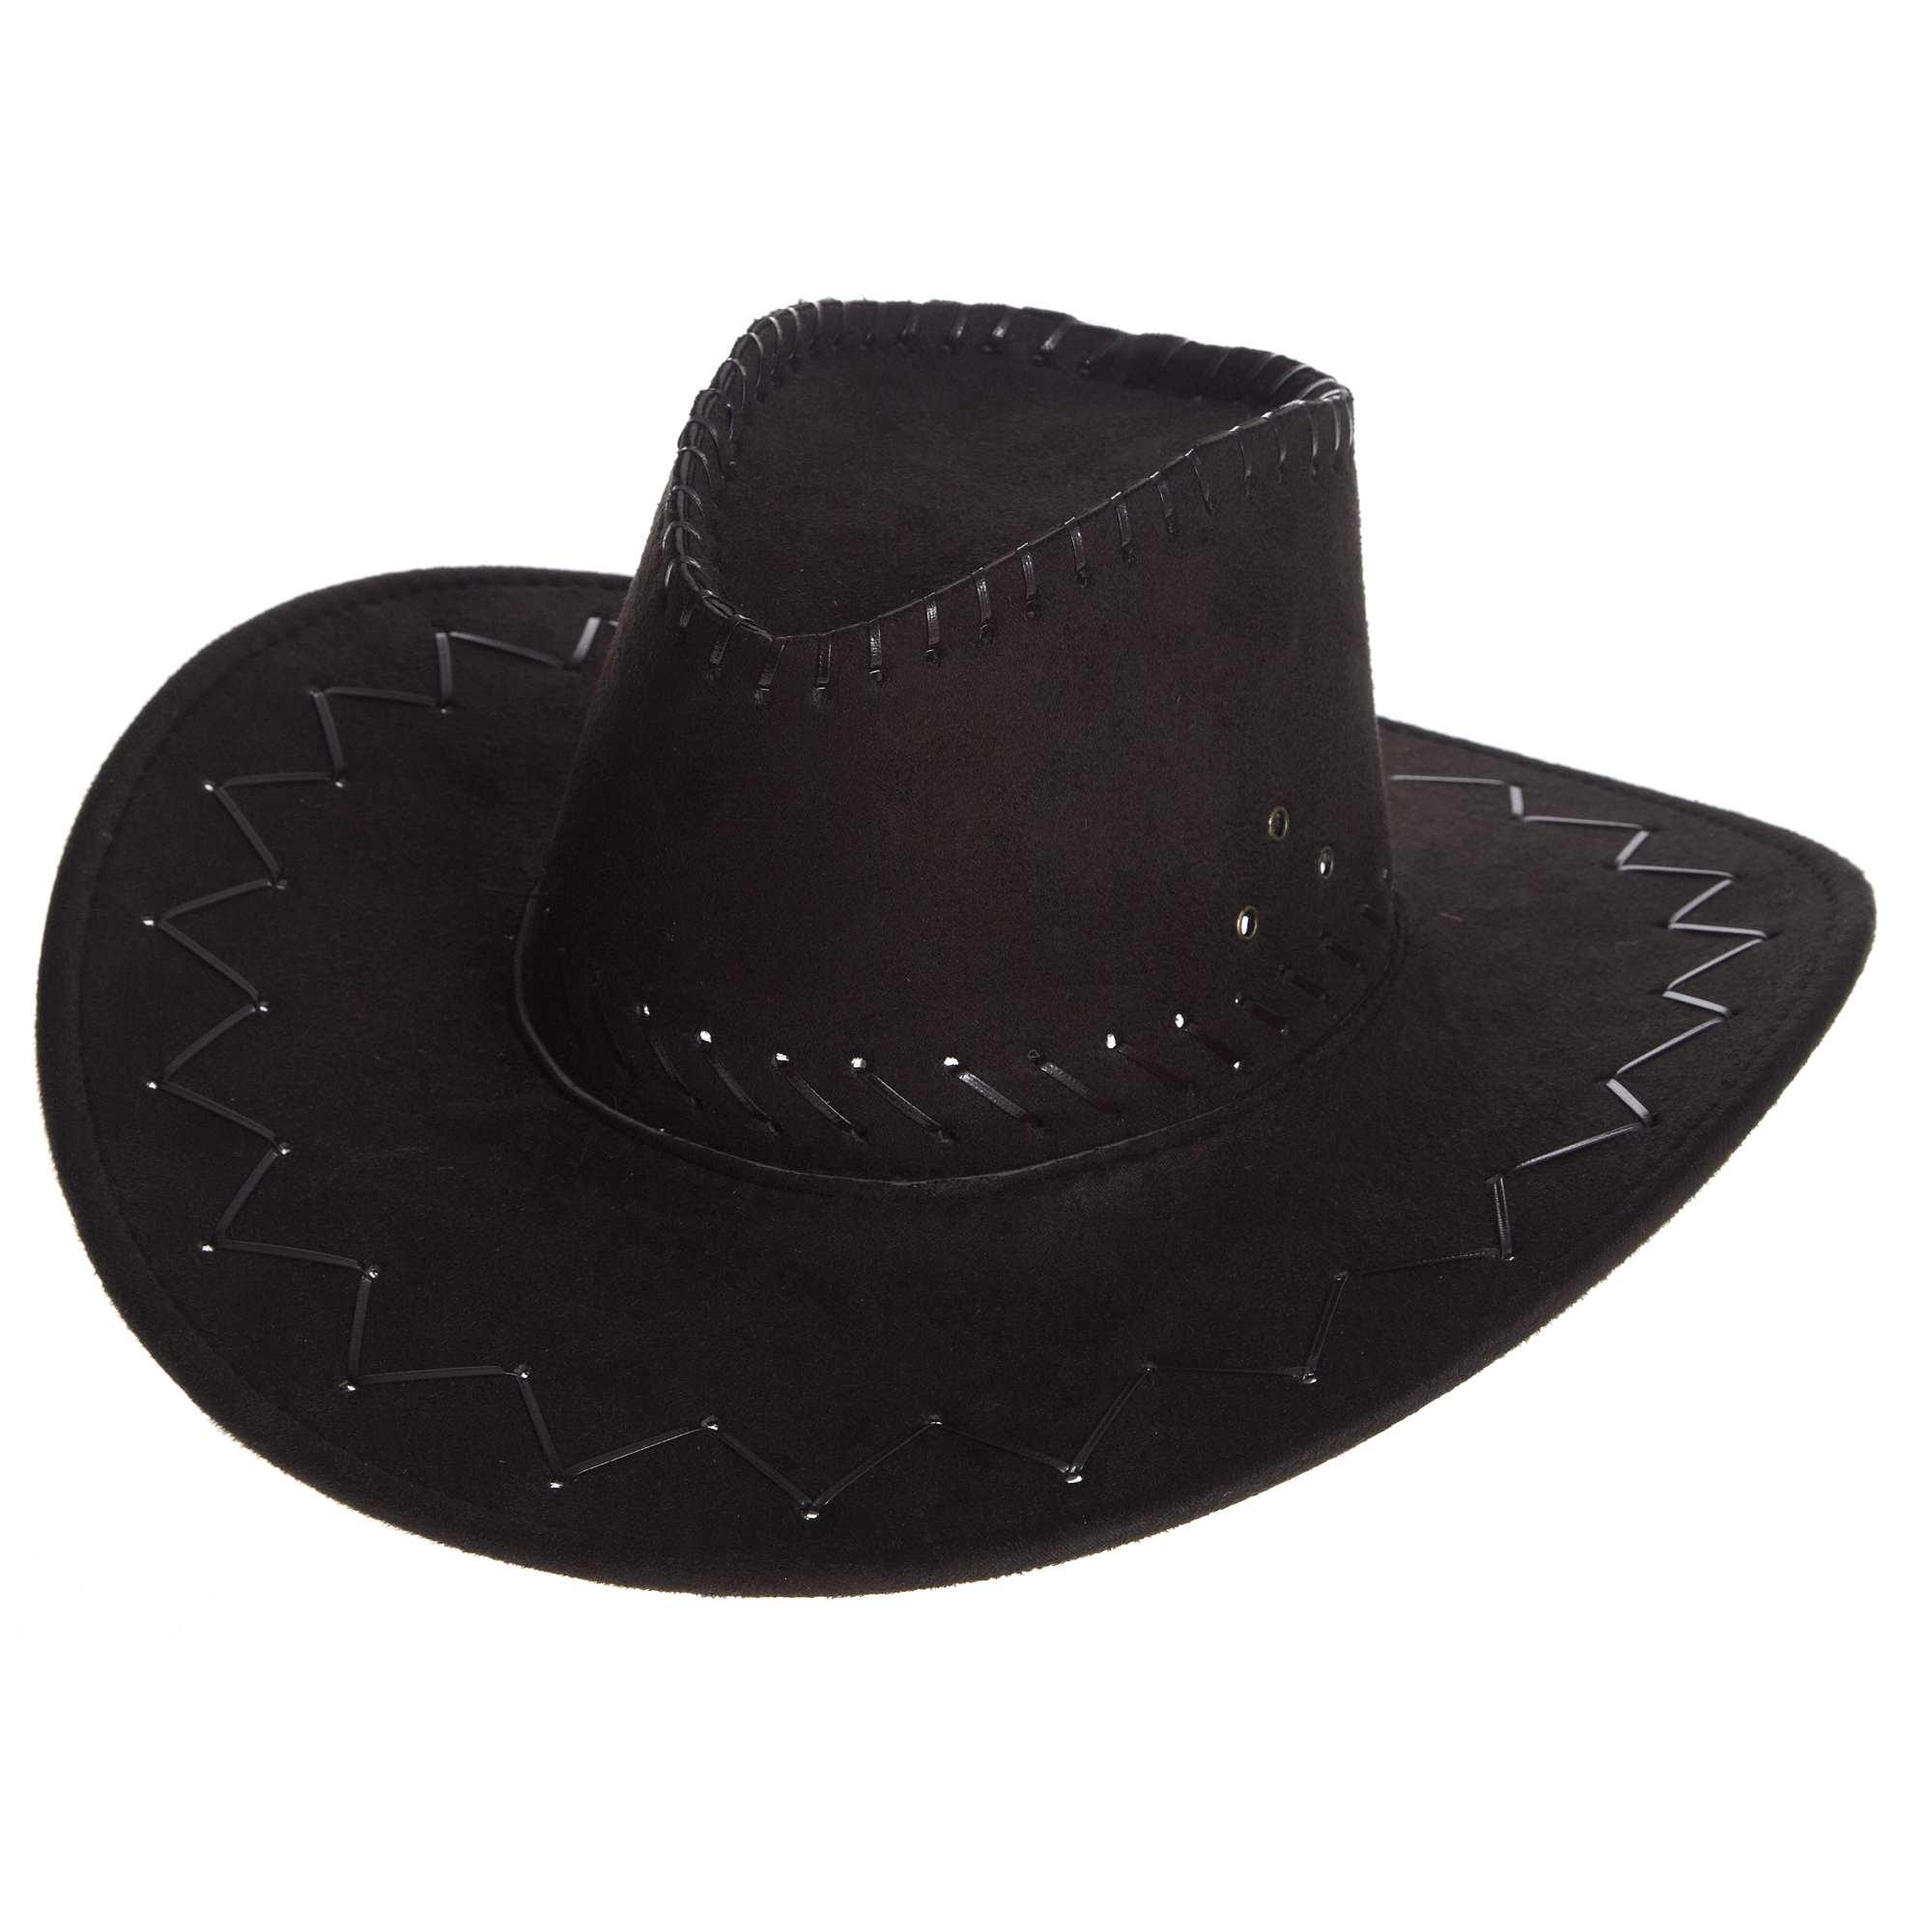 25016d2dcbccd Sombrero vaquero Hombre - negro - Kiabi - 5